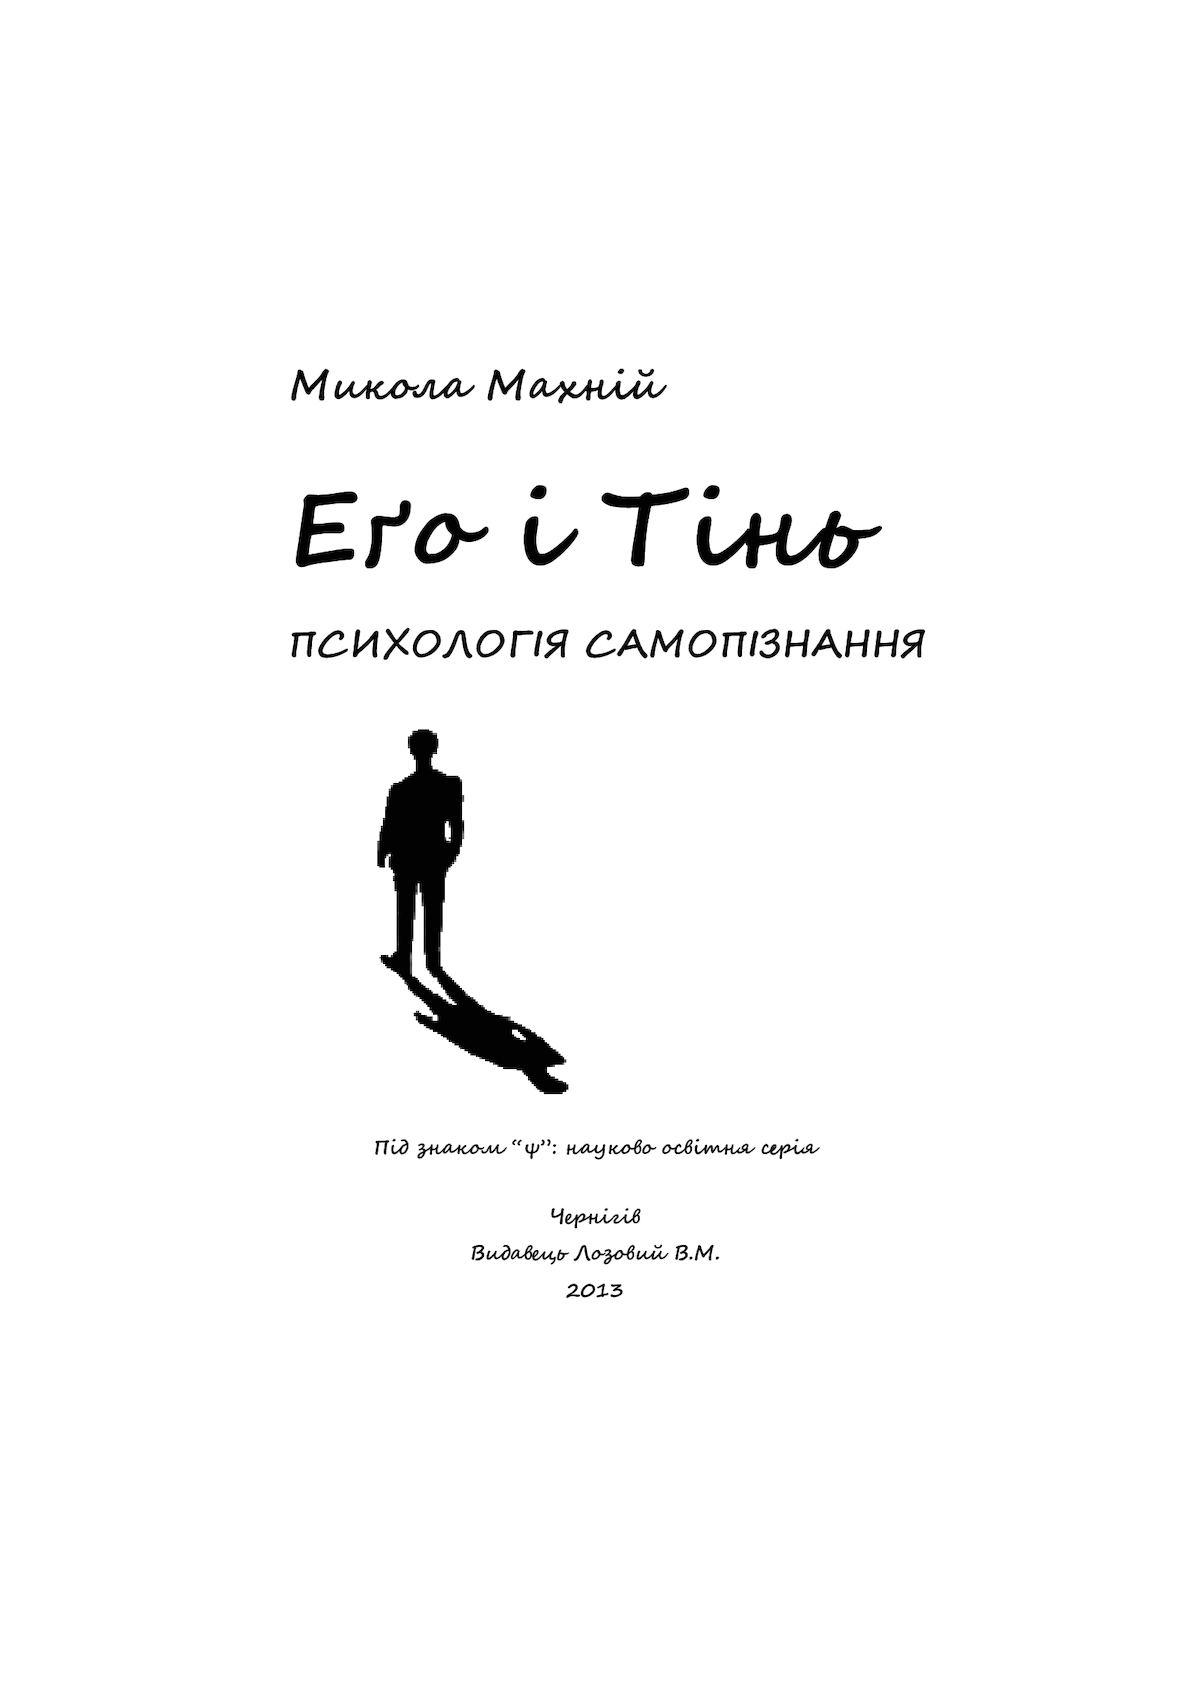 Calaméo - Еґо і Тінь  психологія самопізнання f9b05d90f3cf1